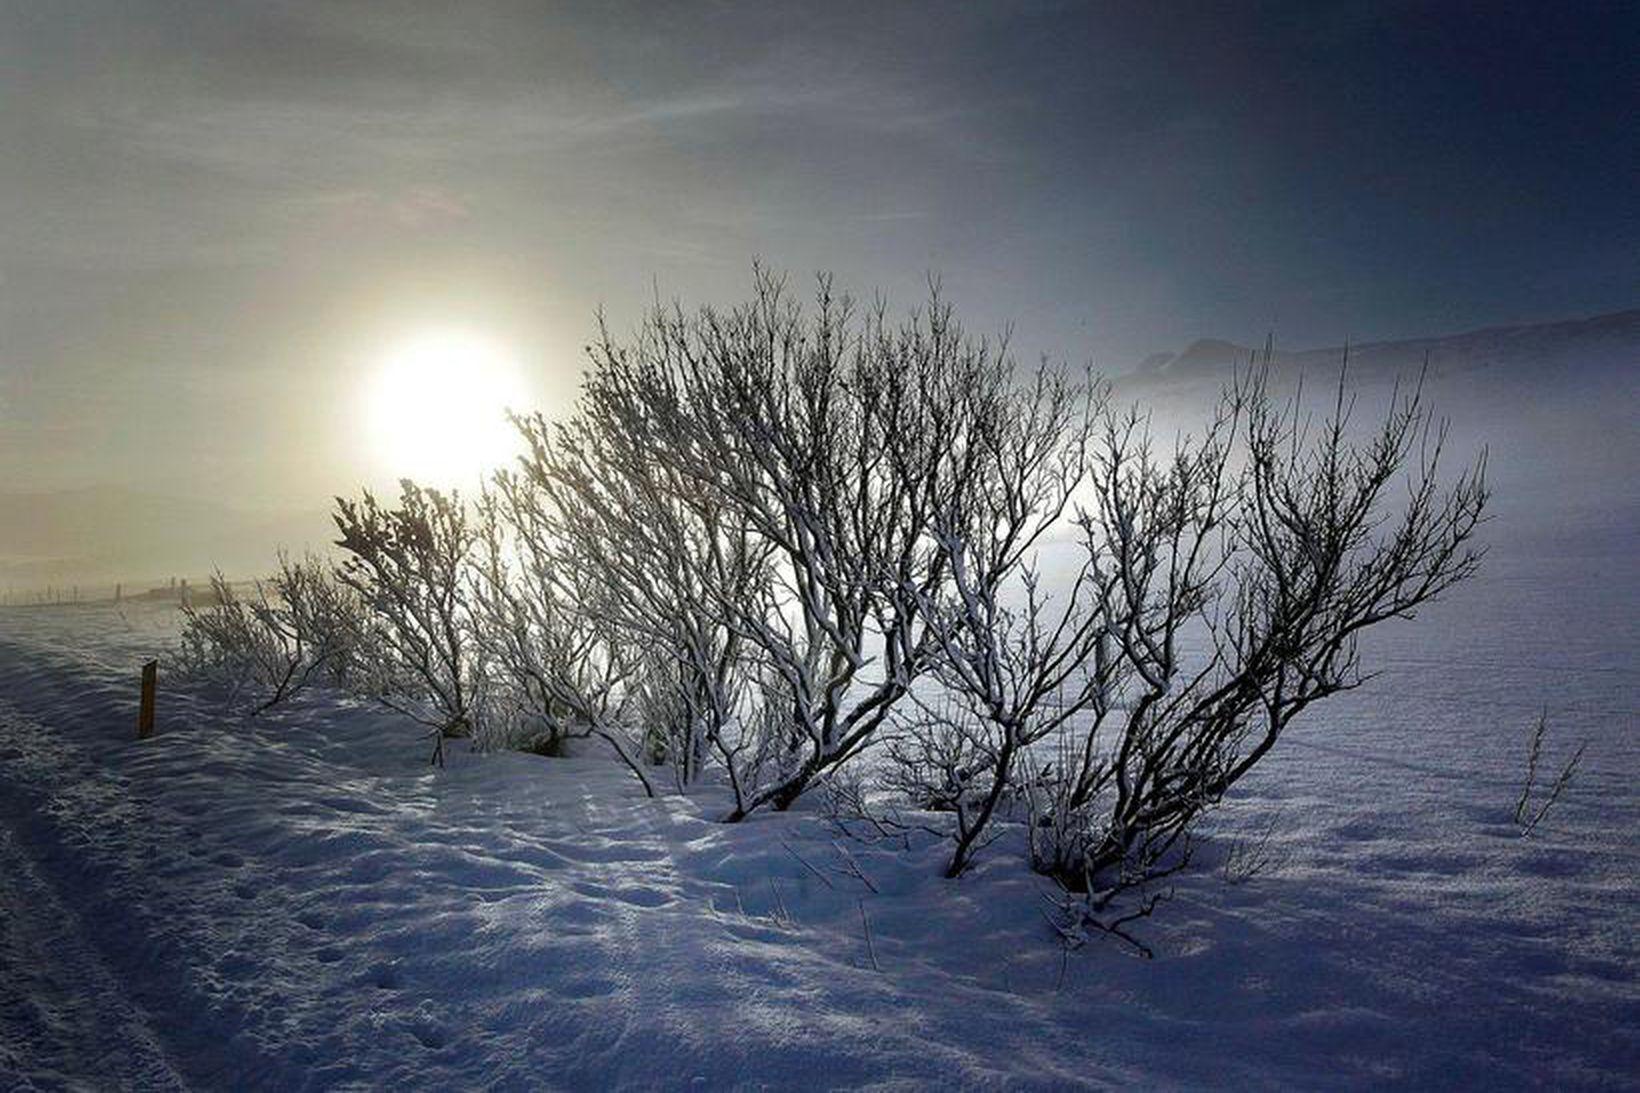 Frost verður á bilinu 2 til 17 stig í dag.